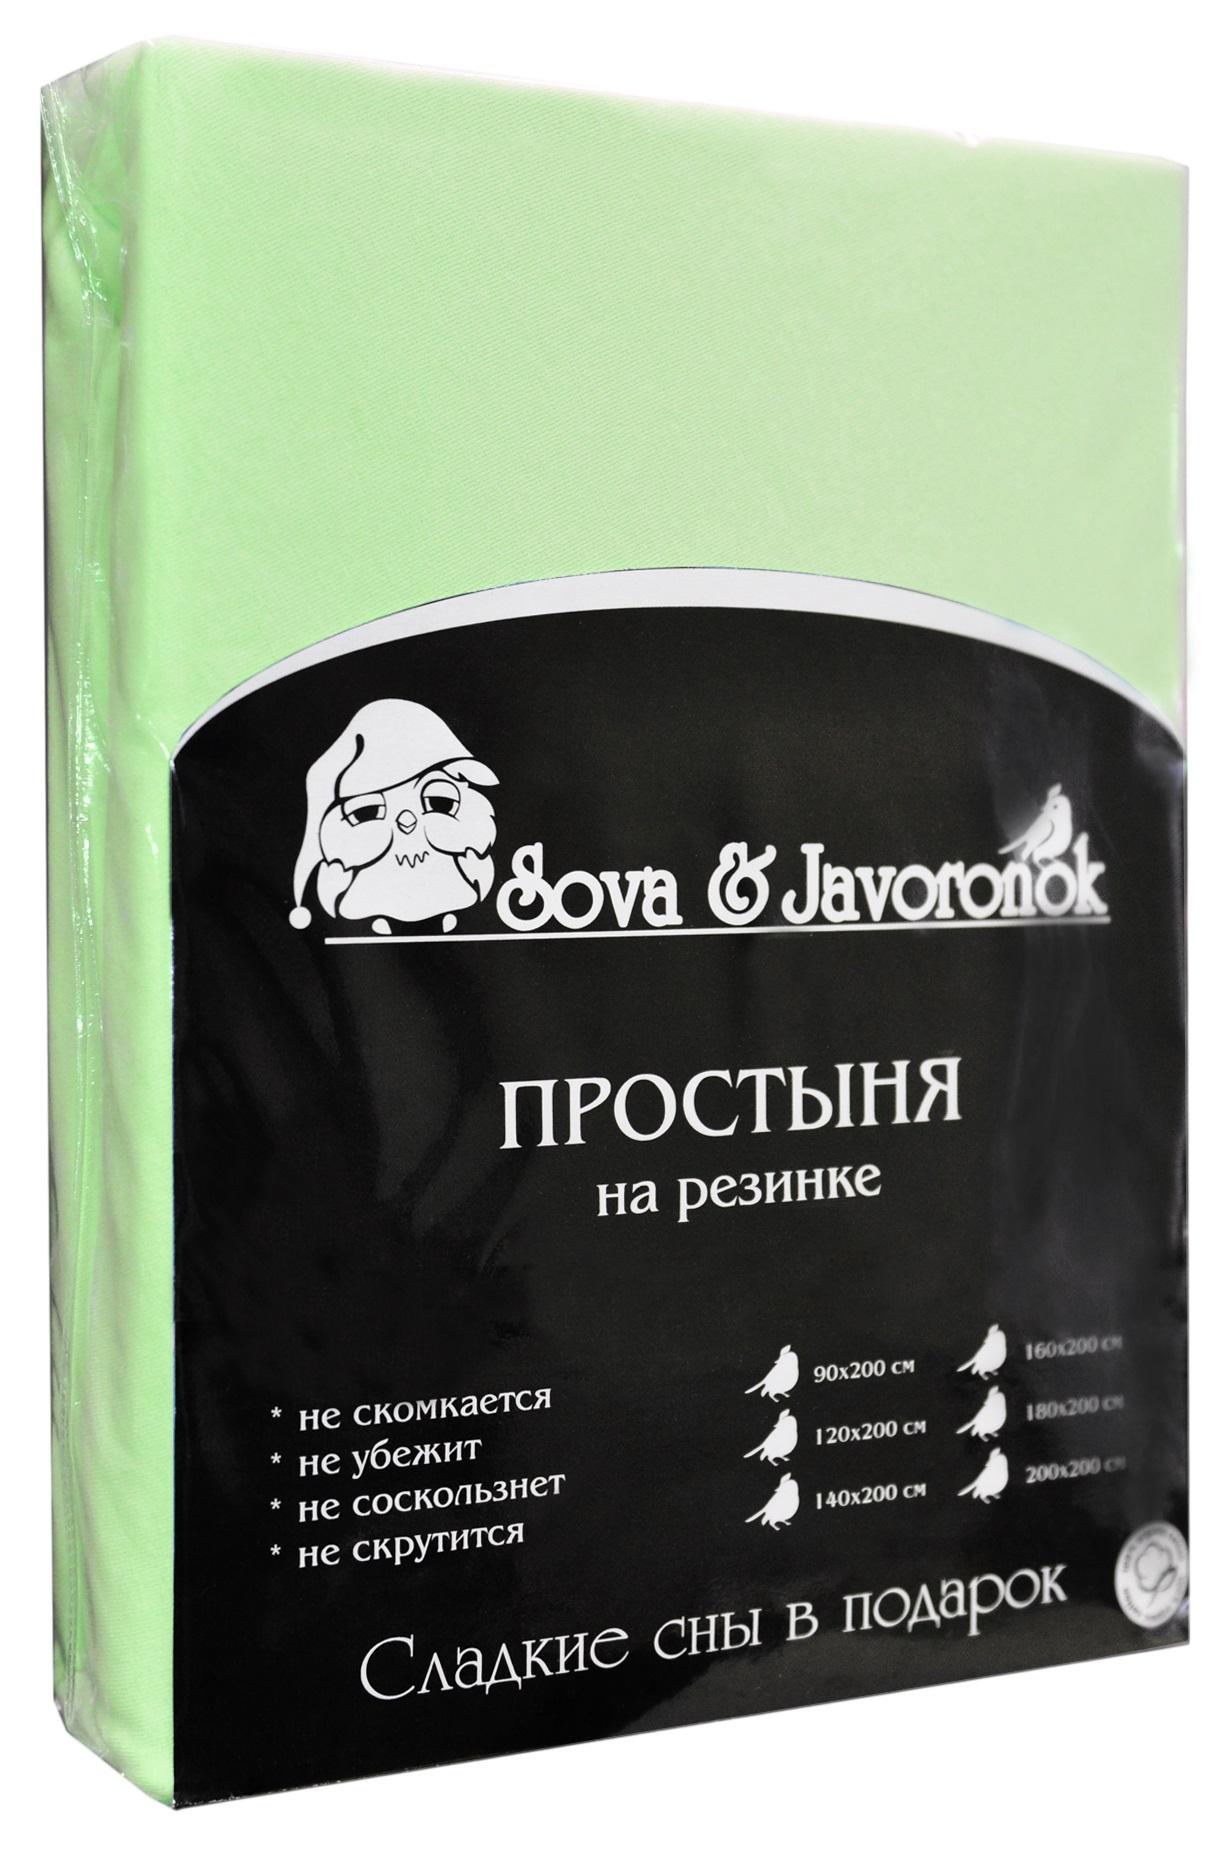 Простыня на резинке Sova & Javoronok, цвет: светло-зеленый, 120 см х 200 см0803114204Простыня на резинке Sova & Javoronok, изготовленная из трикотажной ткани (100% хлопок), будет превосходно смотреться с любыми комплектами белья. Хлопчатобумажный трикотаж по праву считается одним из самых качественных, прочных и при этом приятных на ощупь. Его гигиеничность позволяет использовать простыню и в детских комнатах, к тому же 100%-ый хлопок в составе ткани не вызовет аллергии. У трикотажного полотна очень интересная структура, немного рыхлая за счет отсутствия плотного переплетения нитей и наличия особых петель, благодаря этому простыня Сова и Жаворонок отлично пропускает воздух и способствует его постоянной циркуляции. Поэтому ваша постель будет всегда оставаться свежей. Но главное и, пожалуй, самое известное свойство трикотажа - это его великолепная растяжимость, поэтому эта ткань и была выбрана для натяжной простыни на резинке. Простыня прошита резинкой по всему периметру, что обеспечивает более комфортный отдых, так как она прочно удерживается на матрасе и...